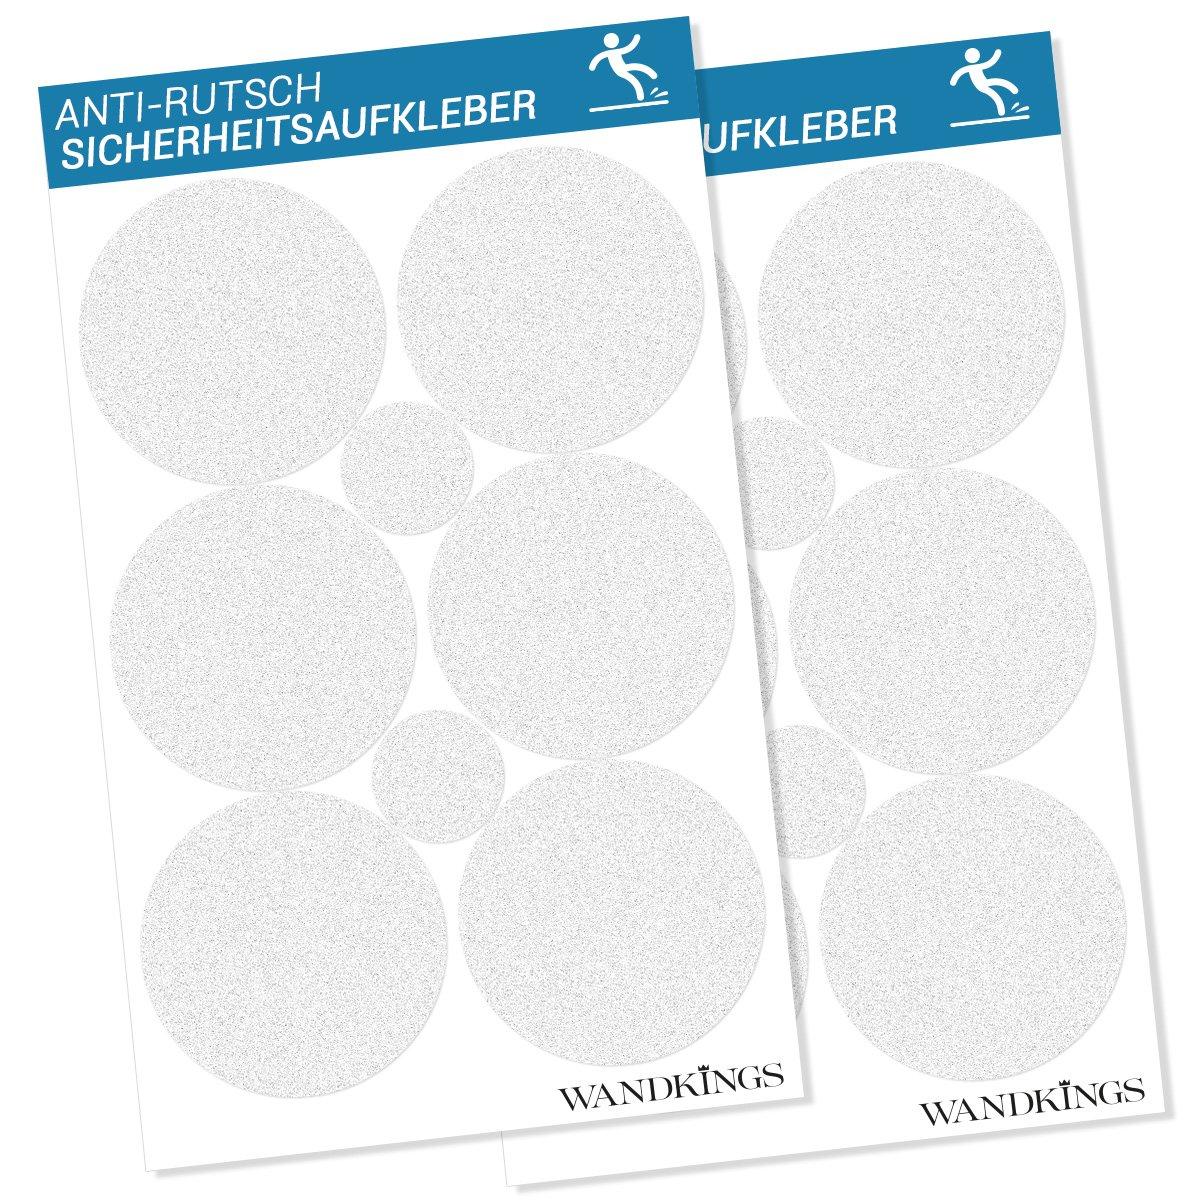 Adesivi anti-scivolo - 12 punti di adesione da 10 cm Ø e 4 punti da 5 cm Ø per la sicurezza nella vasca da bagno e nella doccia Wandkings.de